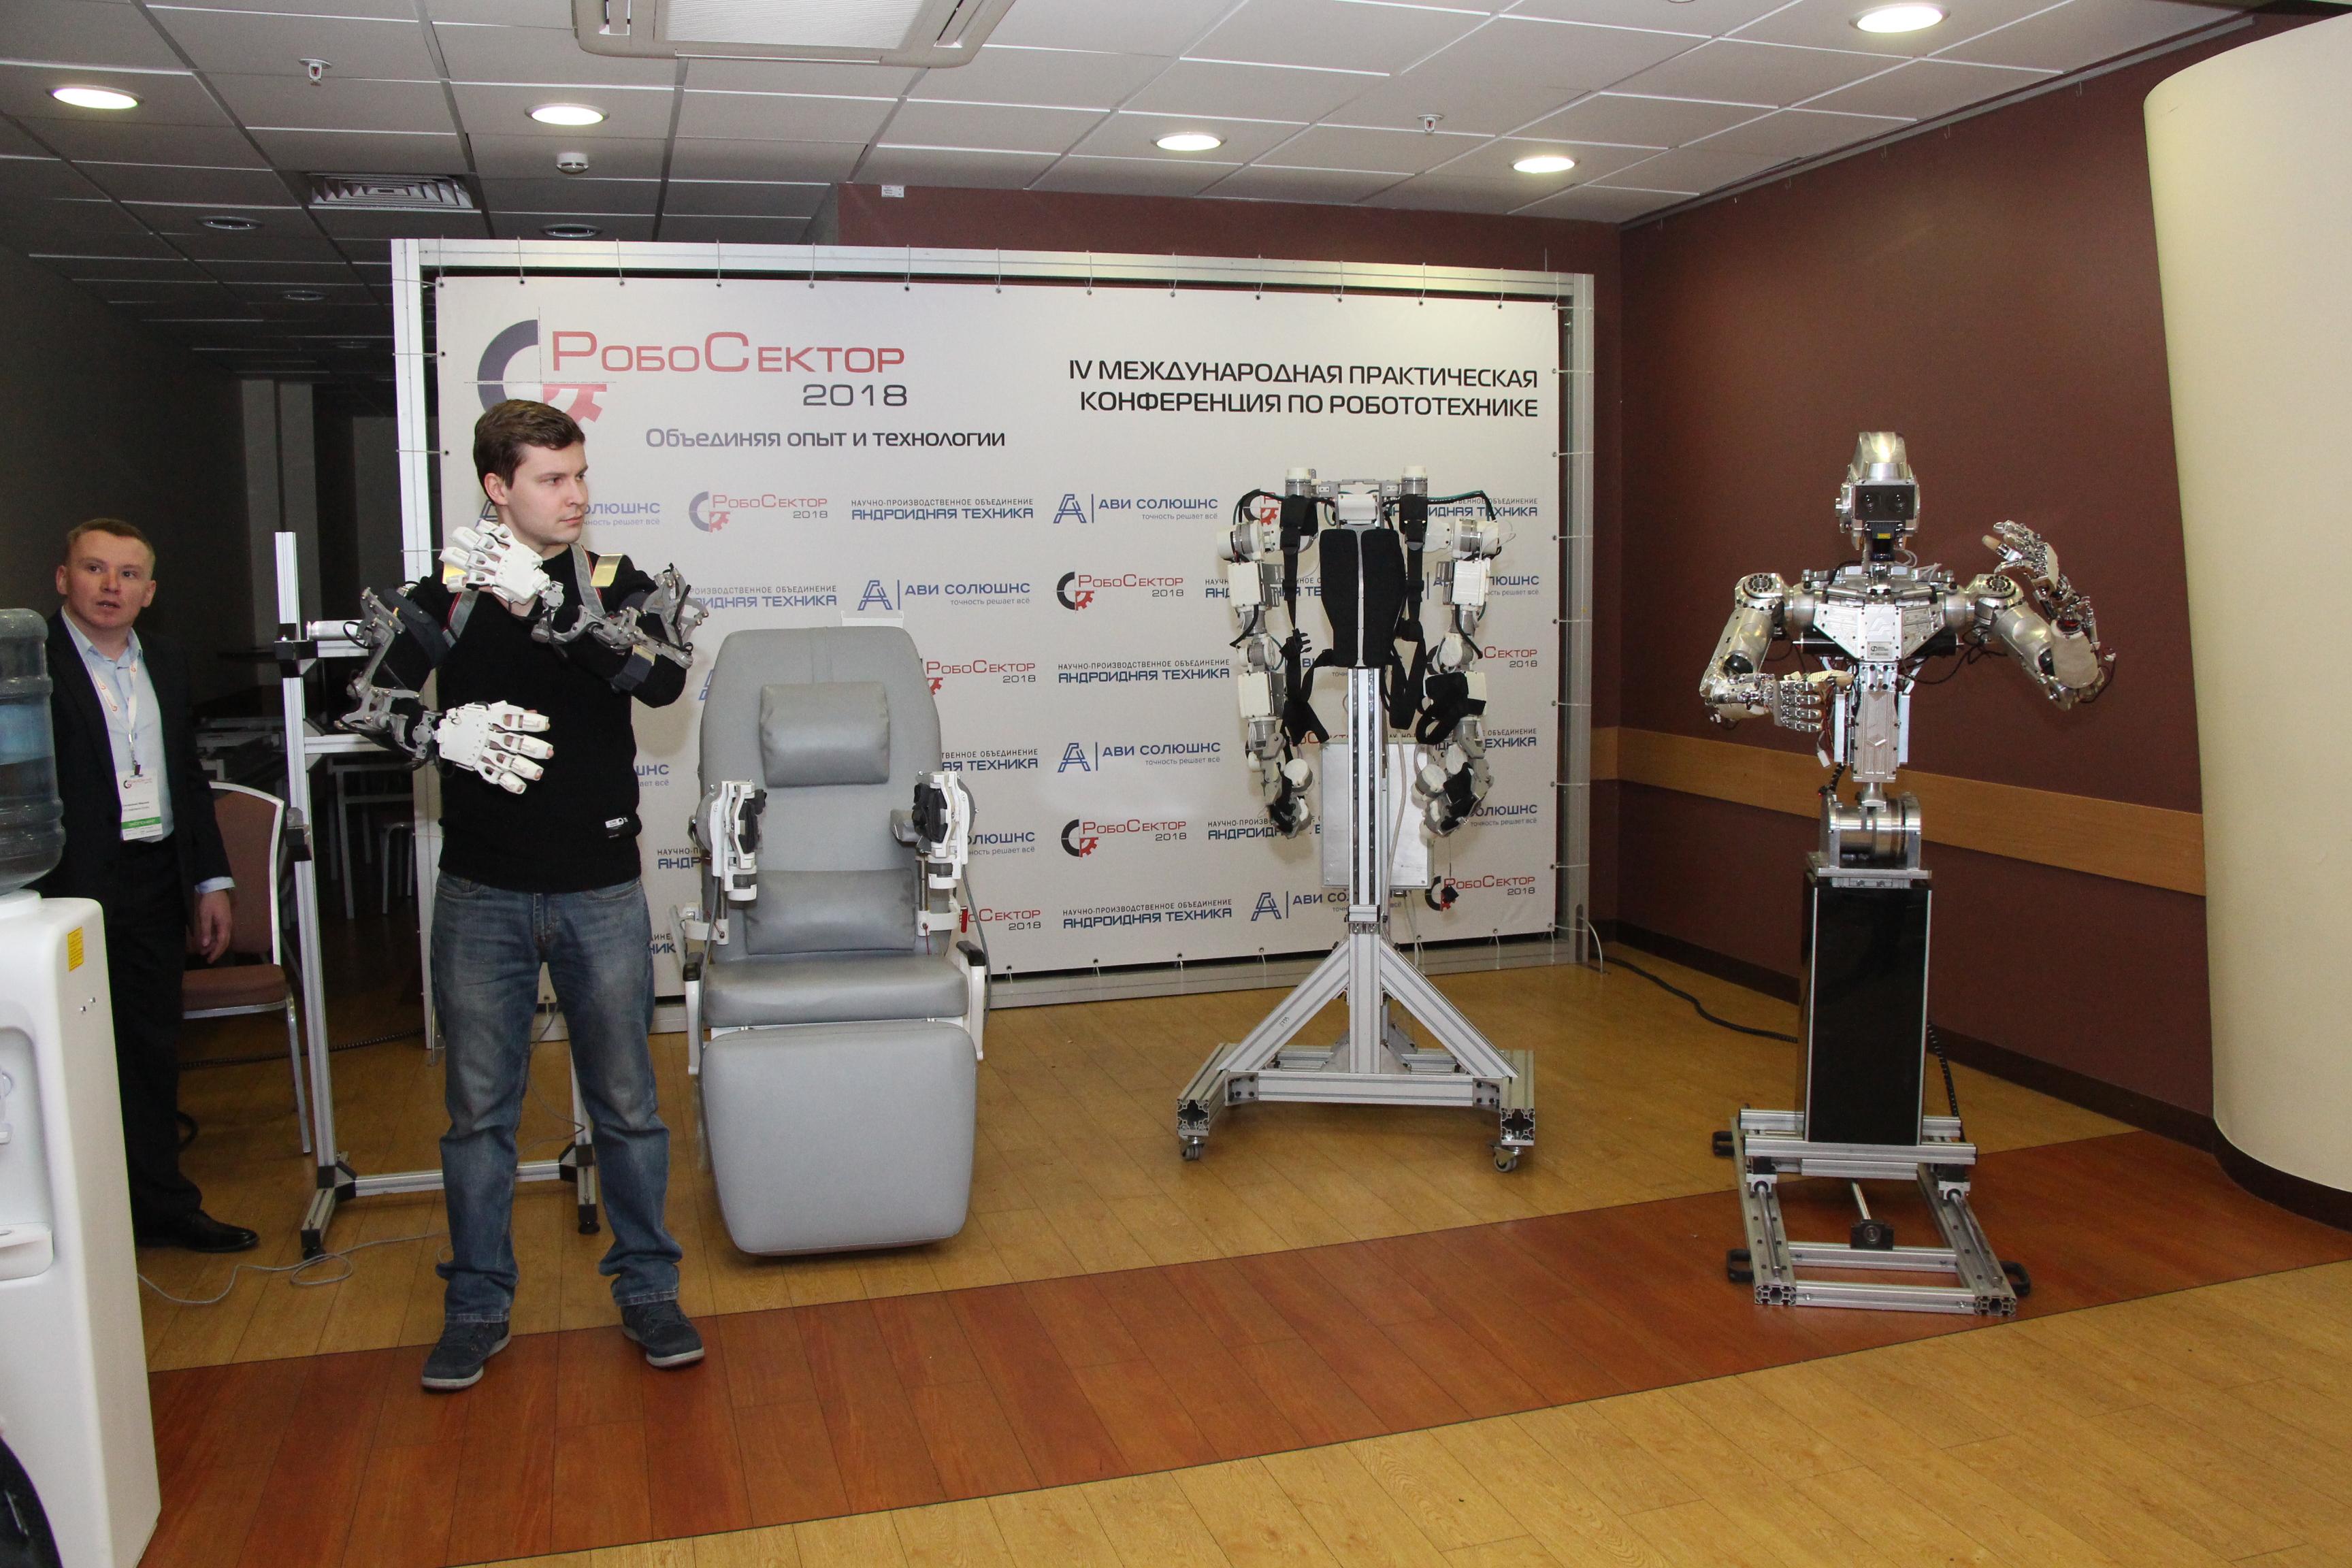 Итоги IV Международной практической конференции по робототехнике «РобоСектор-2018»